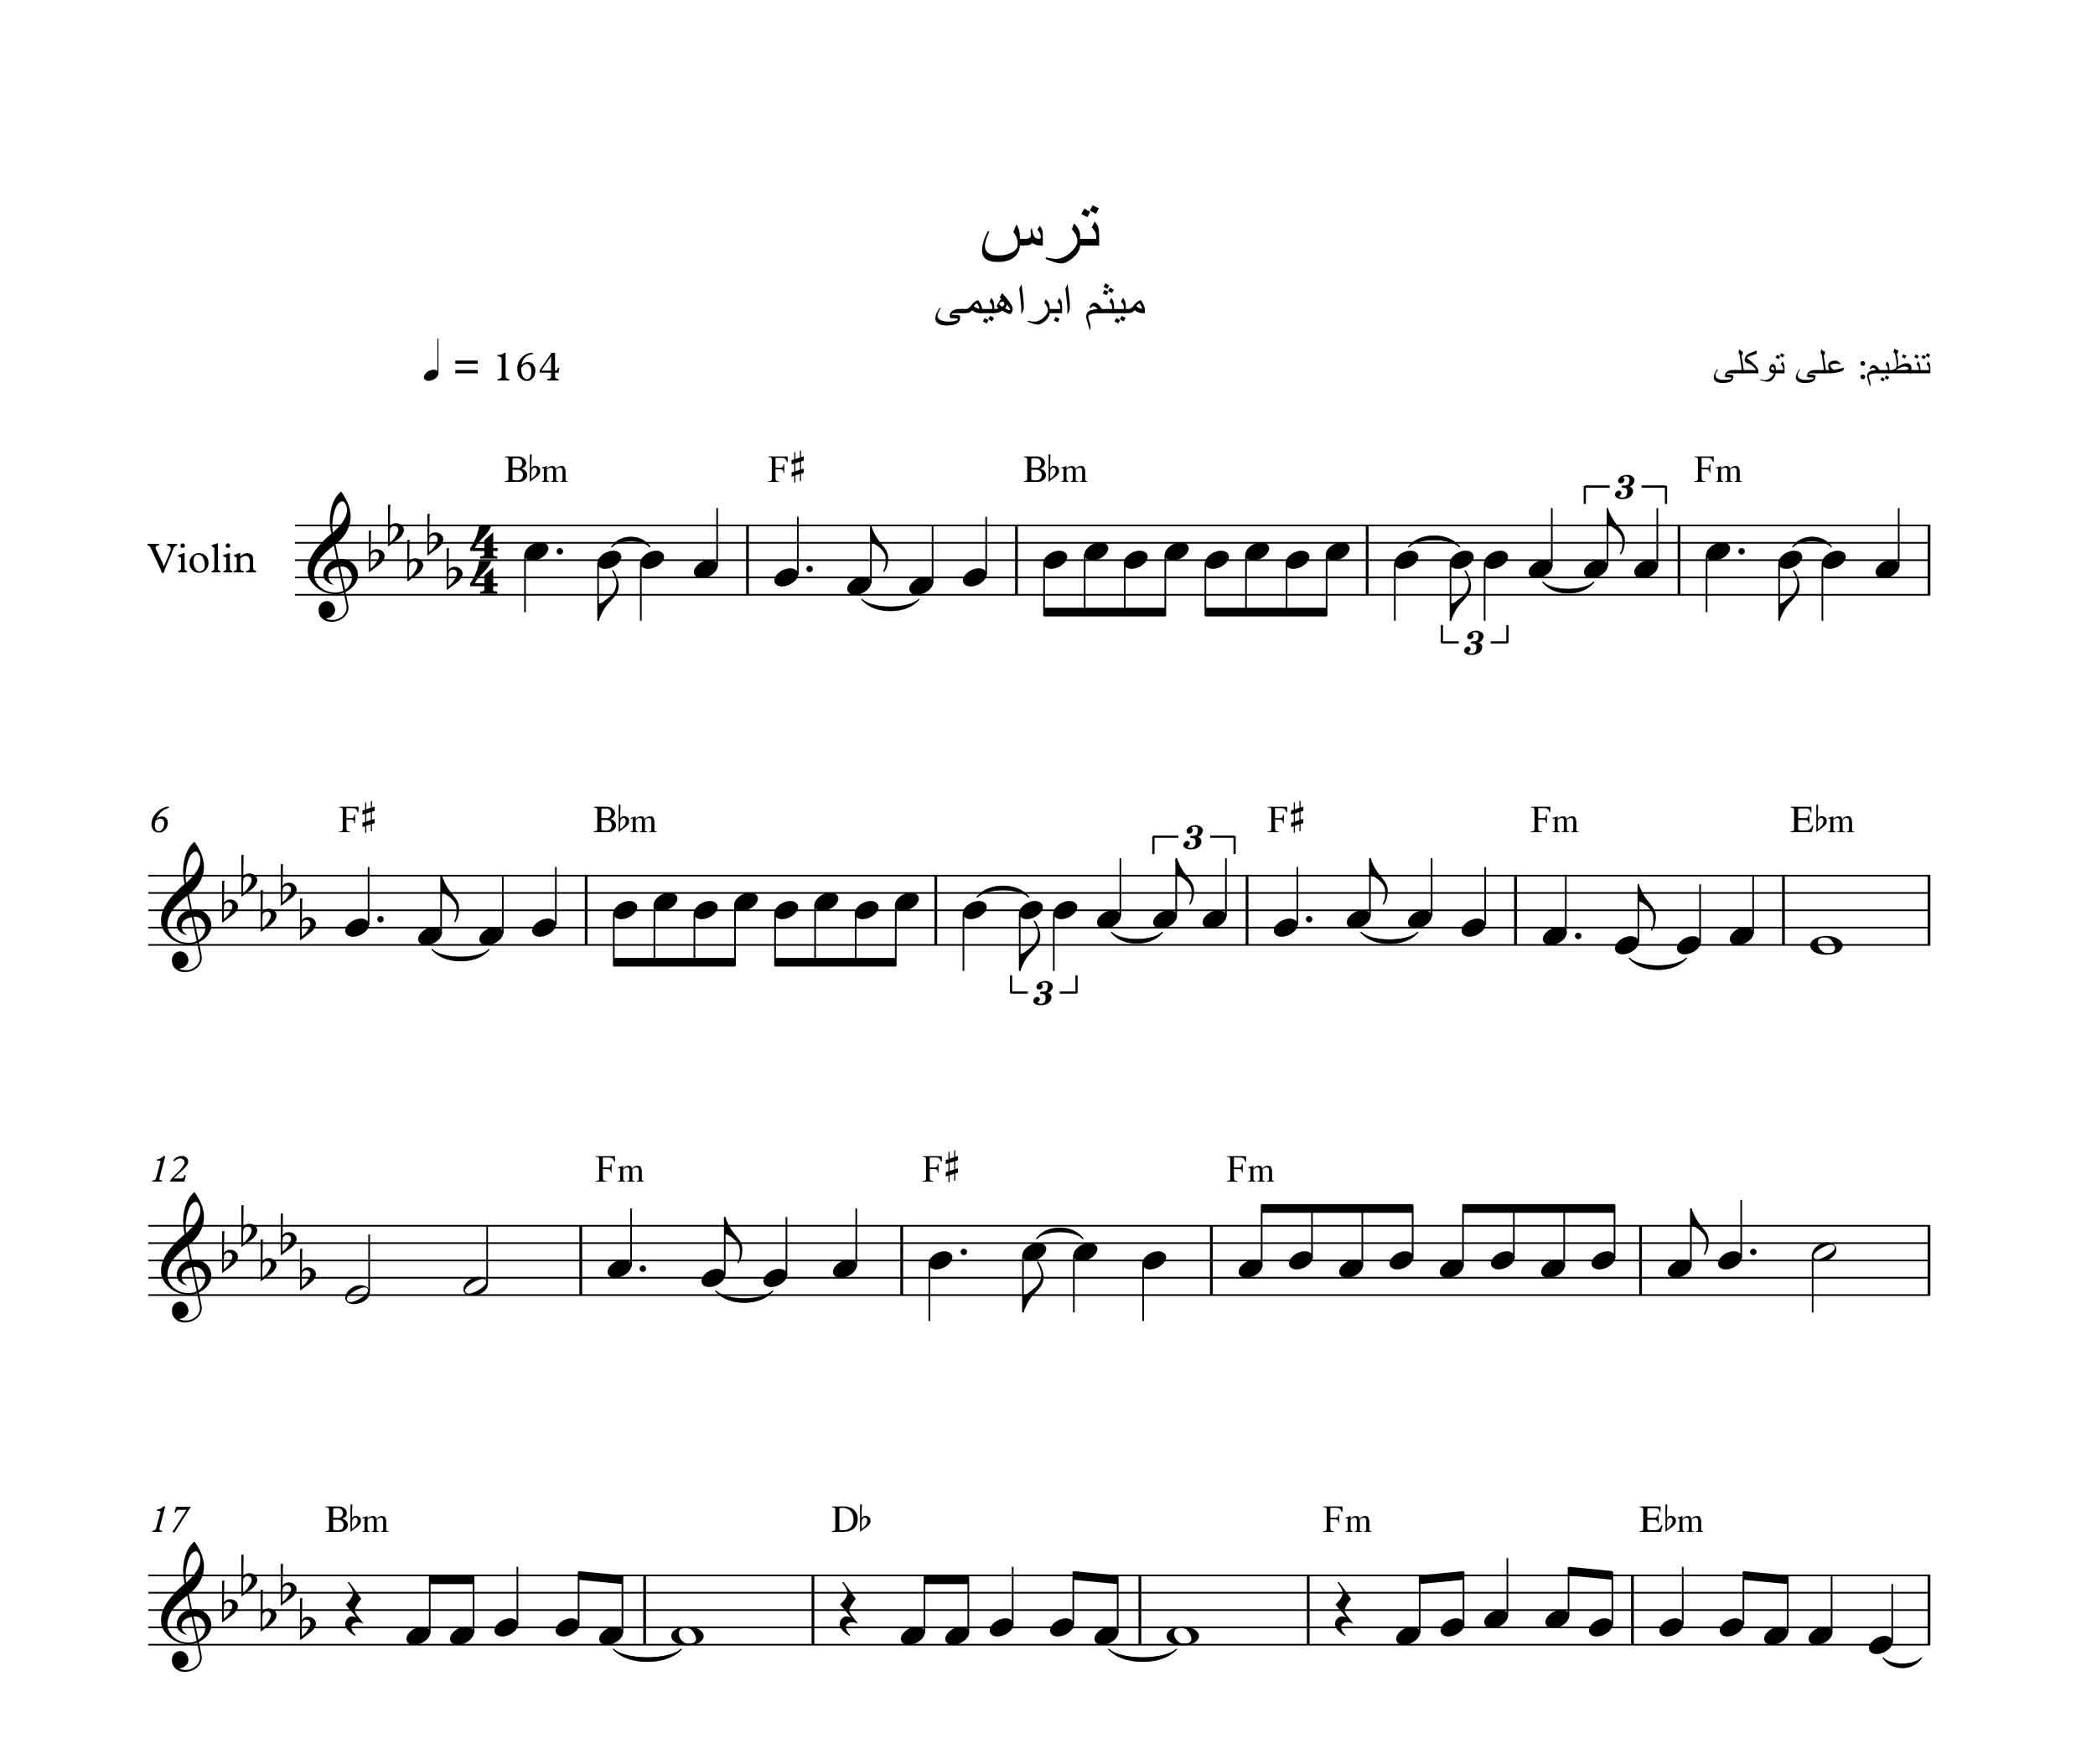 نت ویولن آهنگ ترس از میثم ابراهیمی